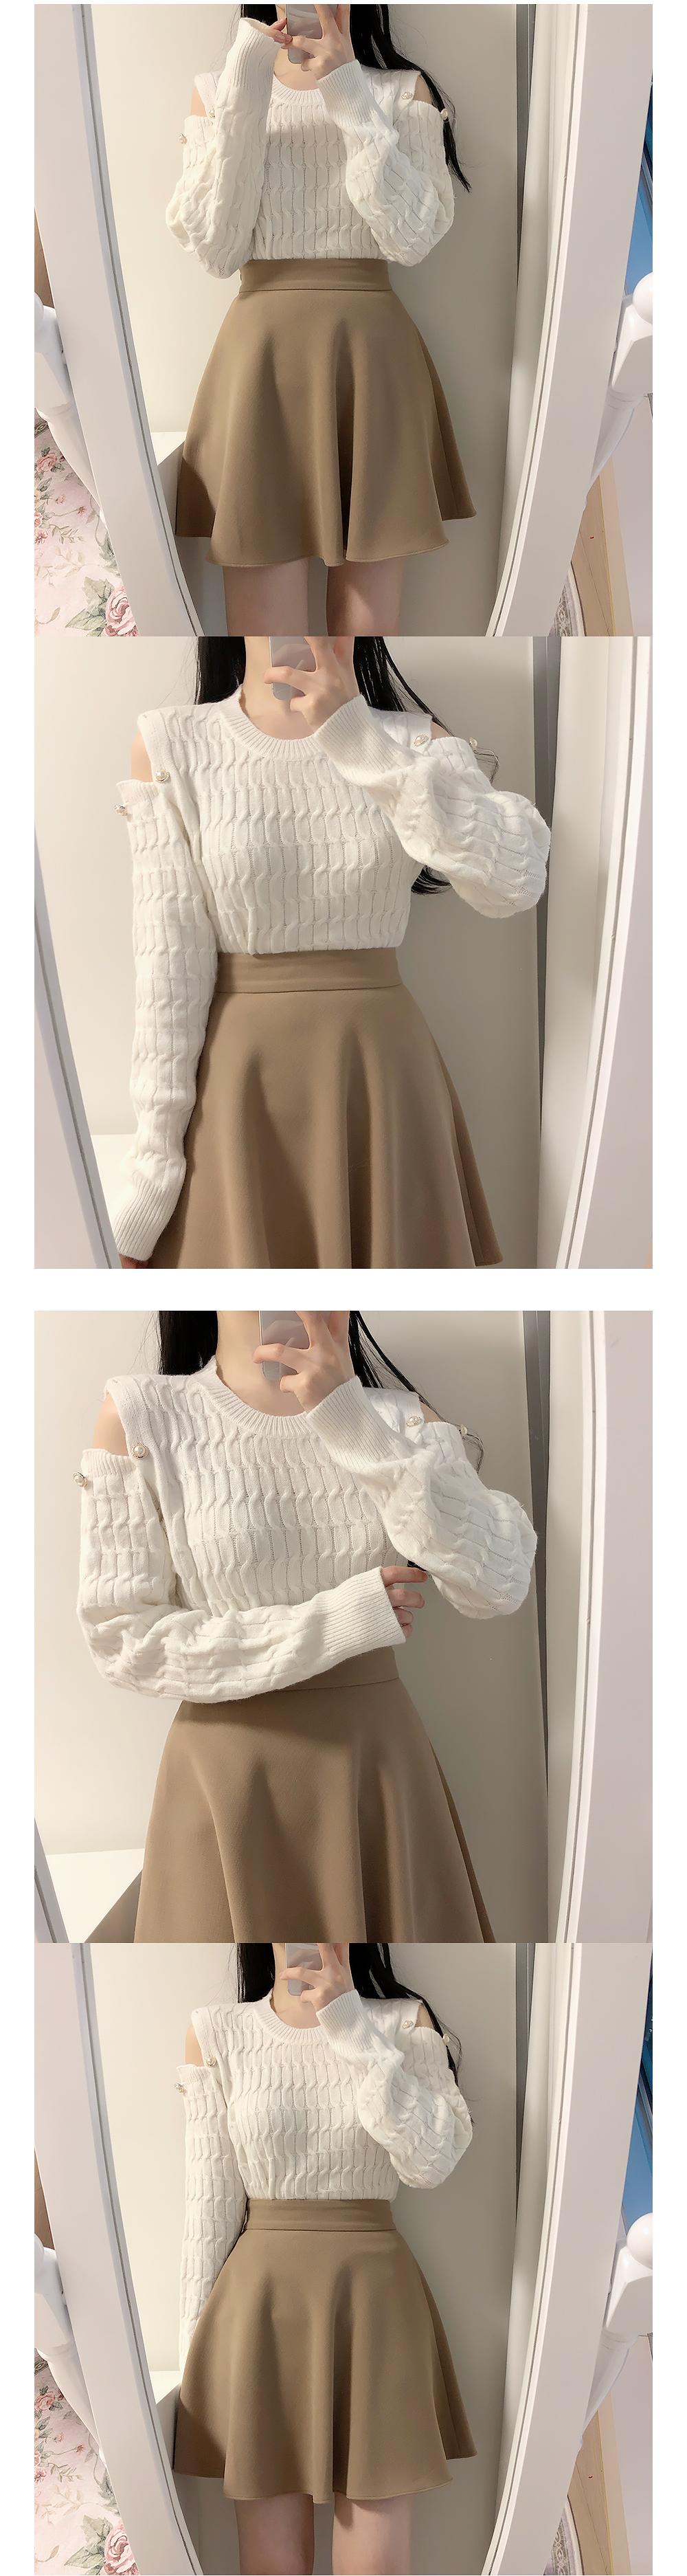 skirt detail image-S1L9